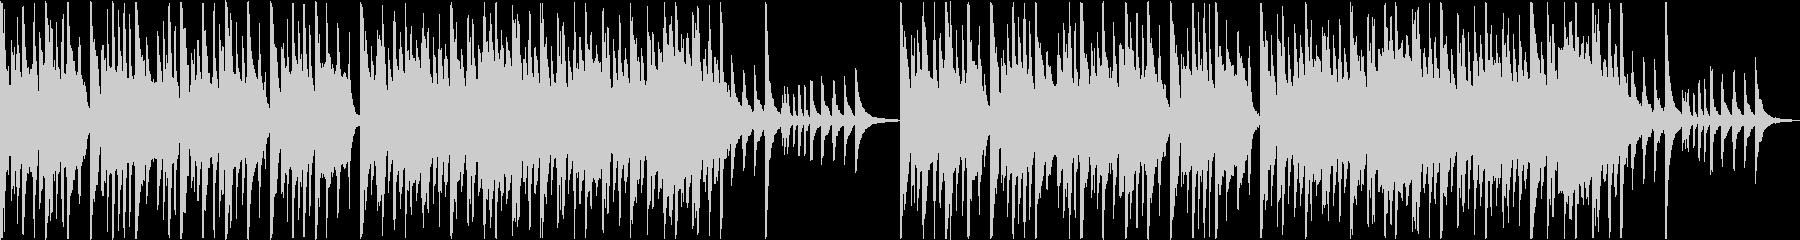 琴と尺八と太鼓によるゆったり和風BGMの未再生の波形